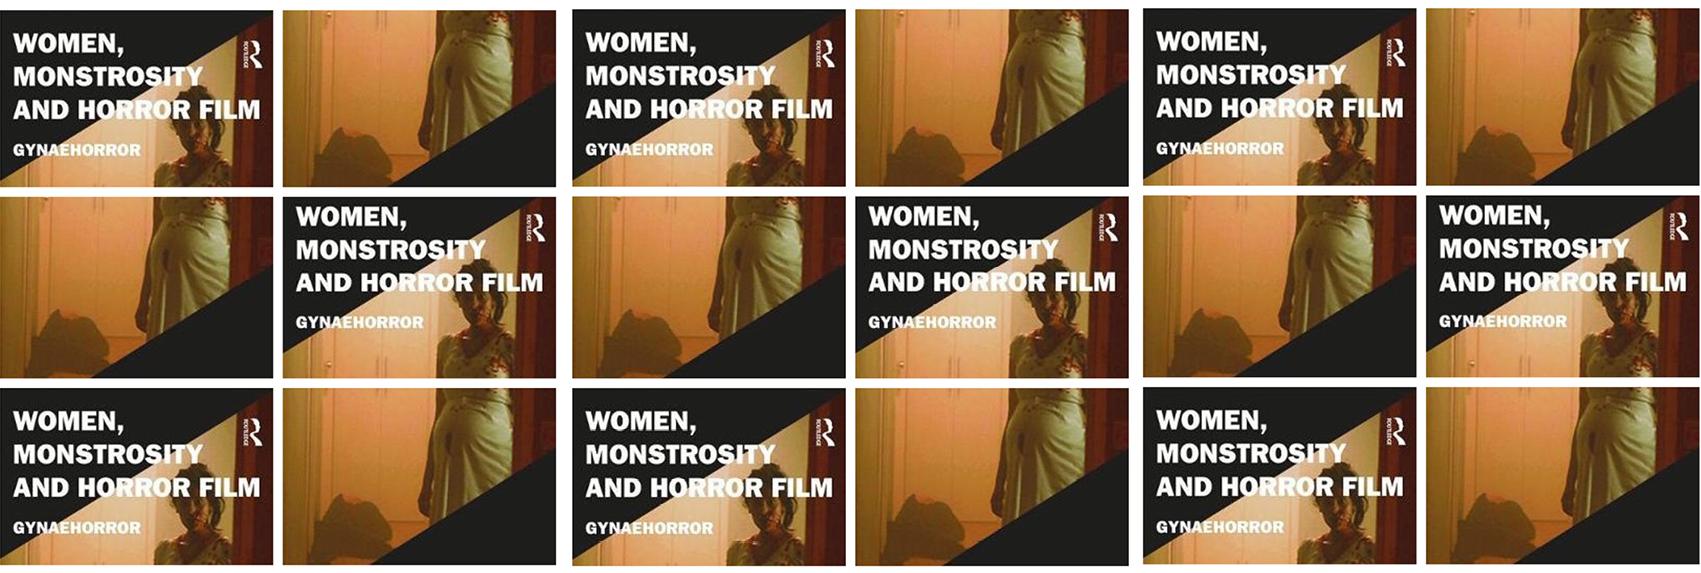 Book Review – Women, Monstrosity and Horror Film: Gynaehorror